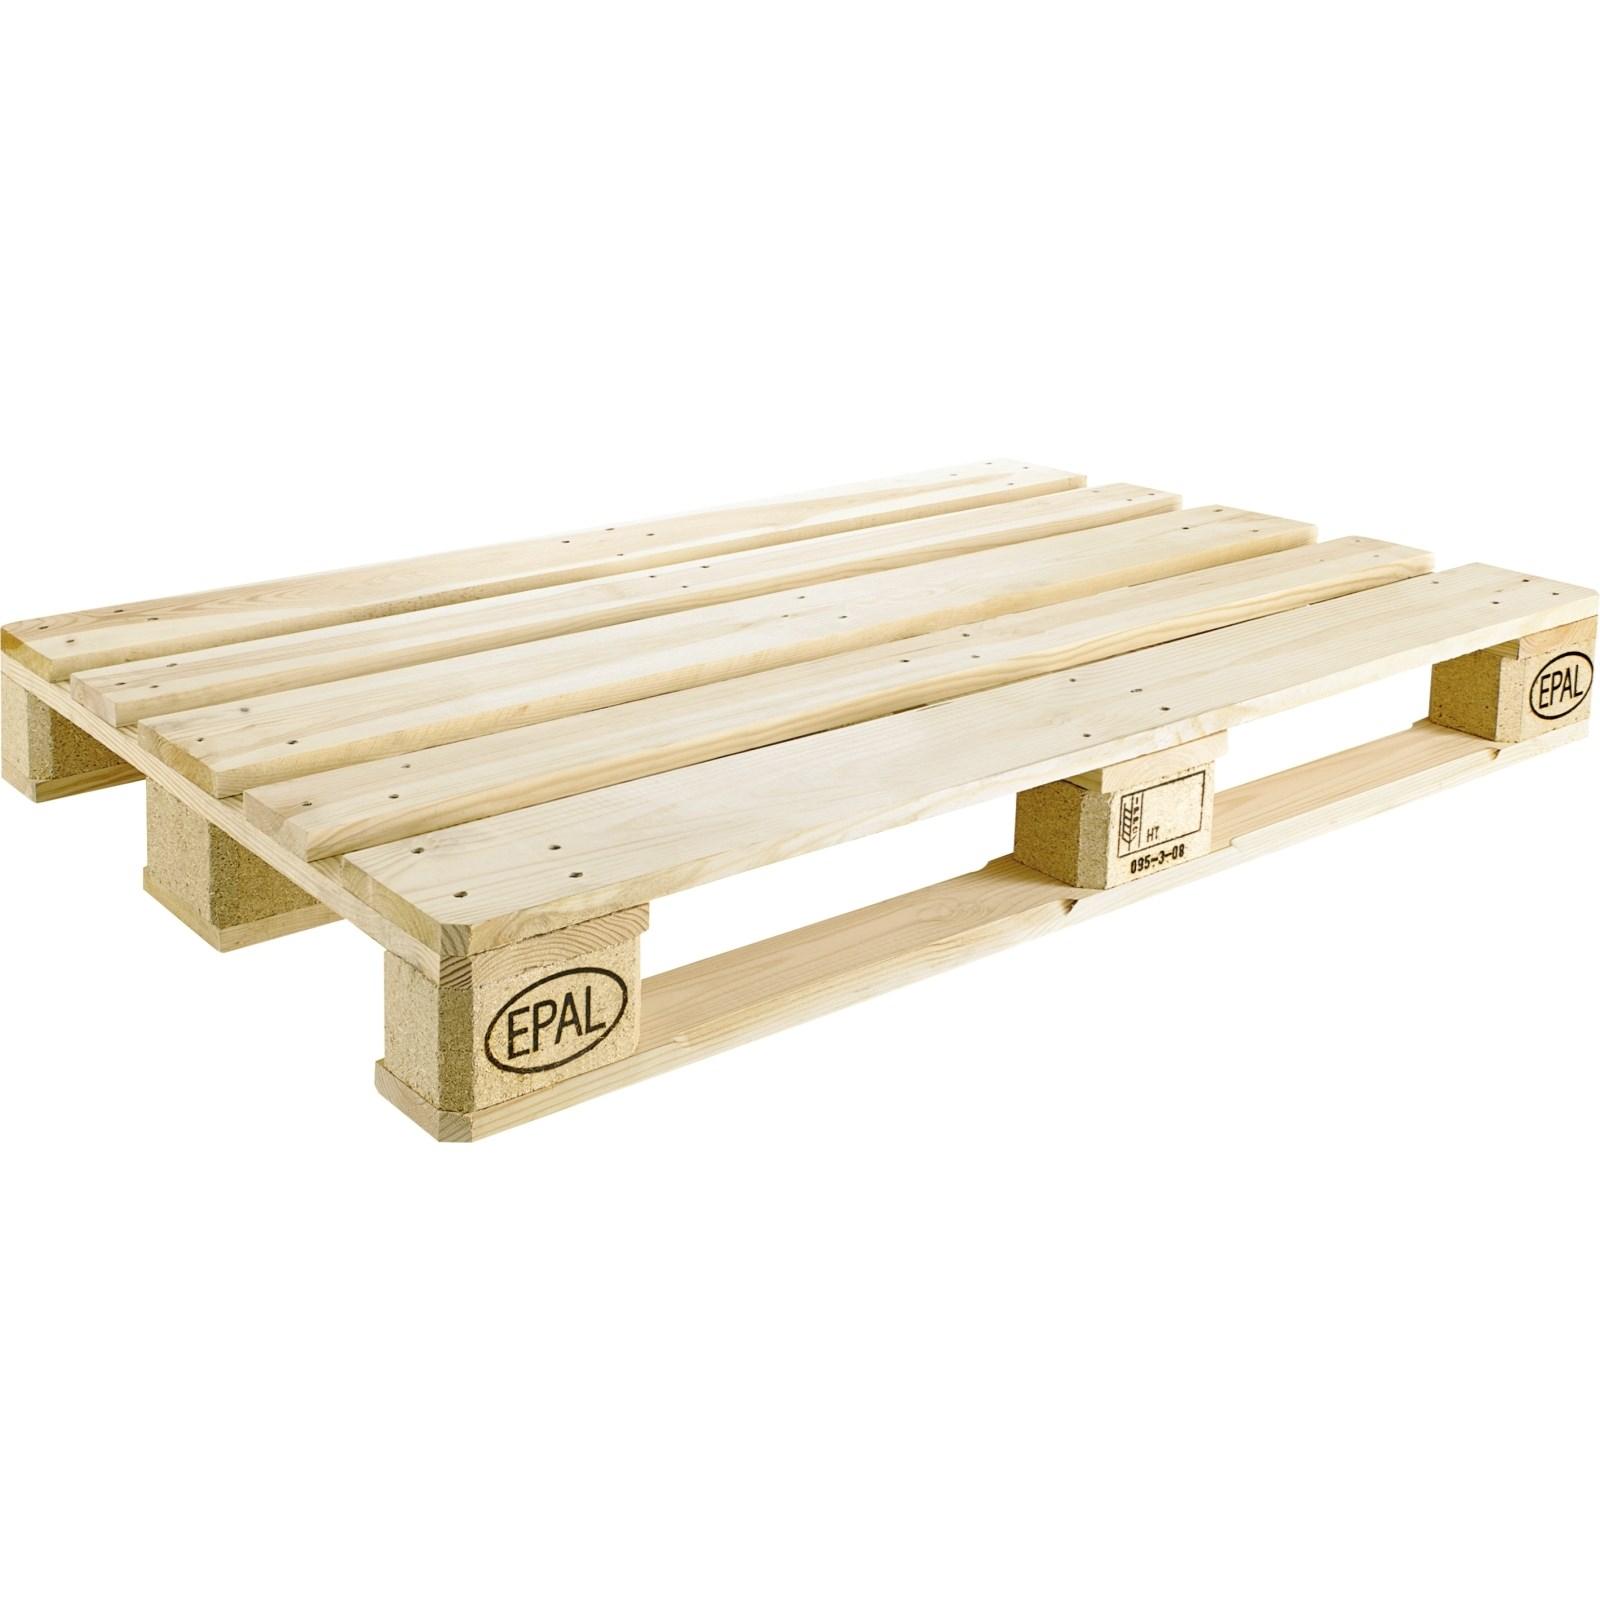 Palette 80 120 Cm Epal Lagergestelle Und Behalter Landi